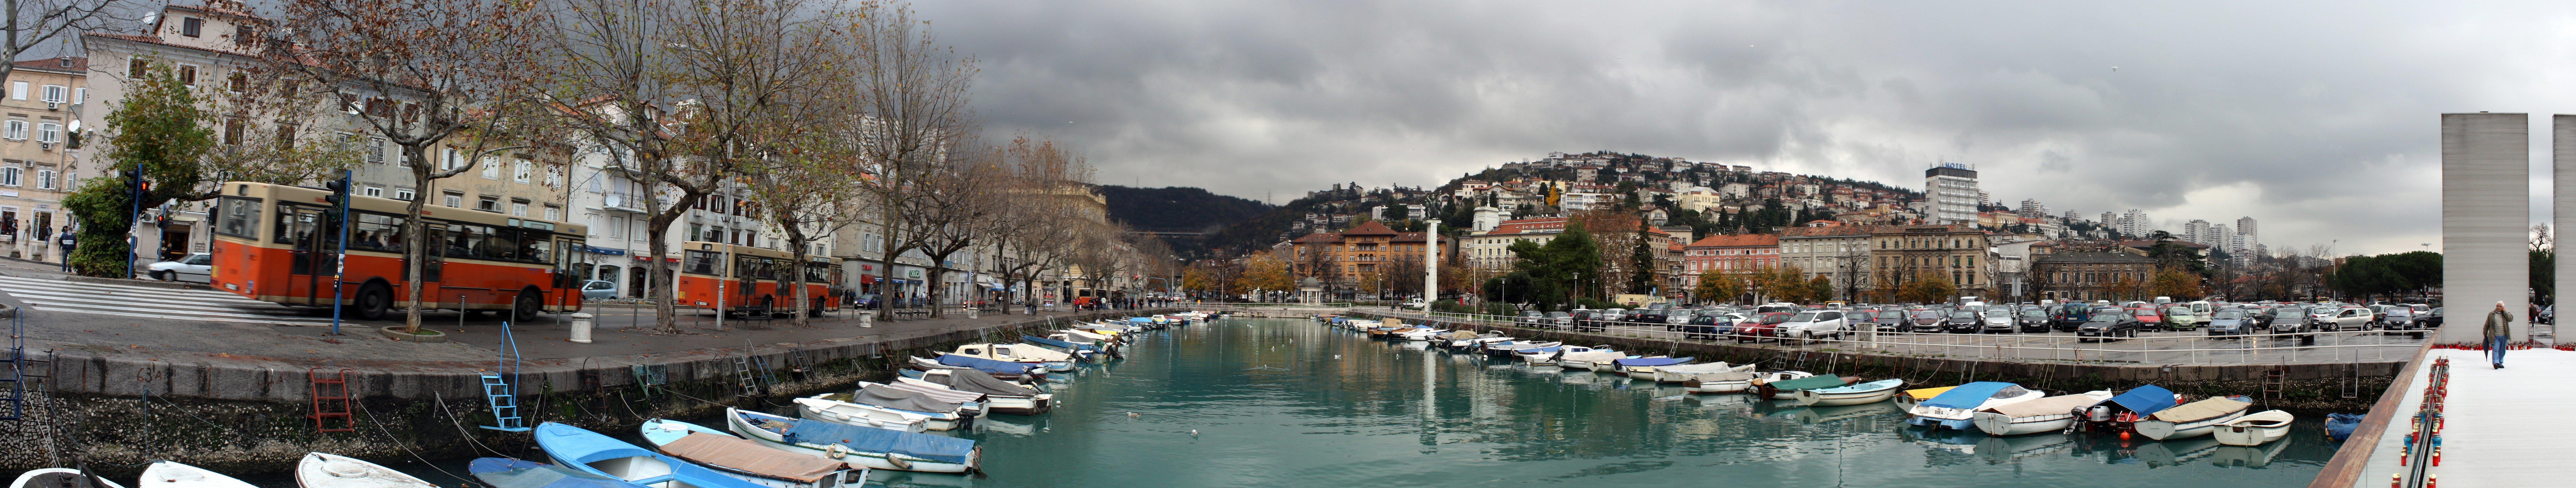 hırvatistan resimleri